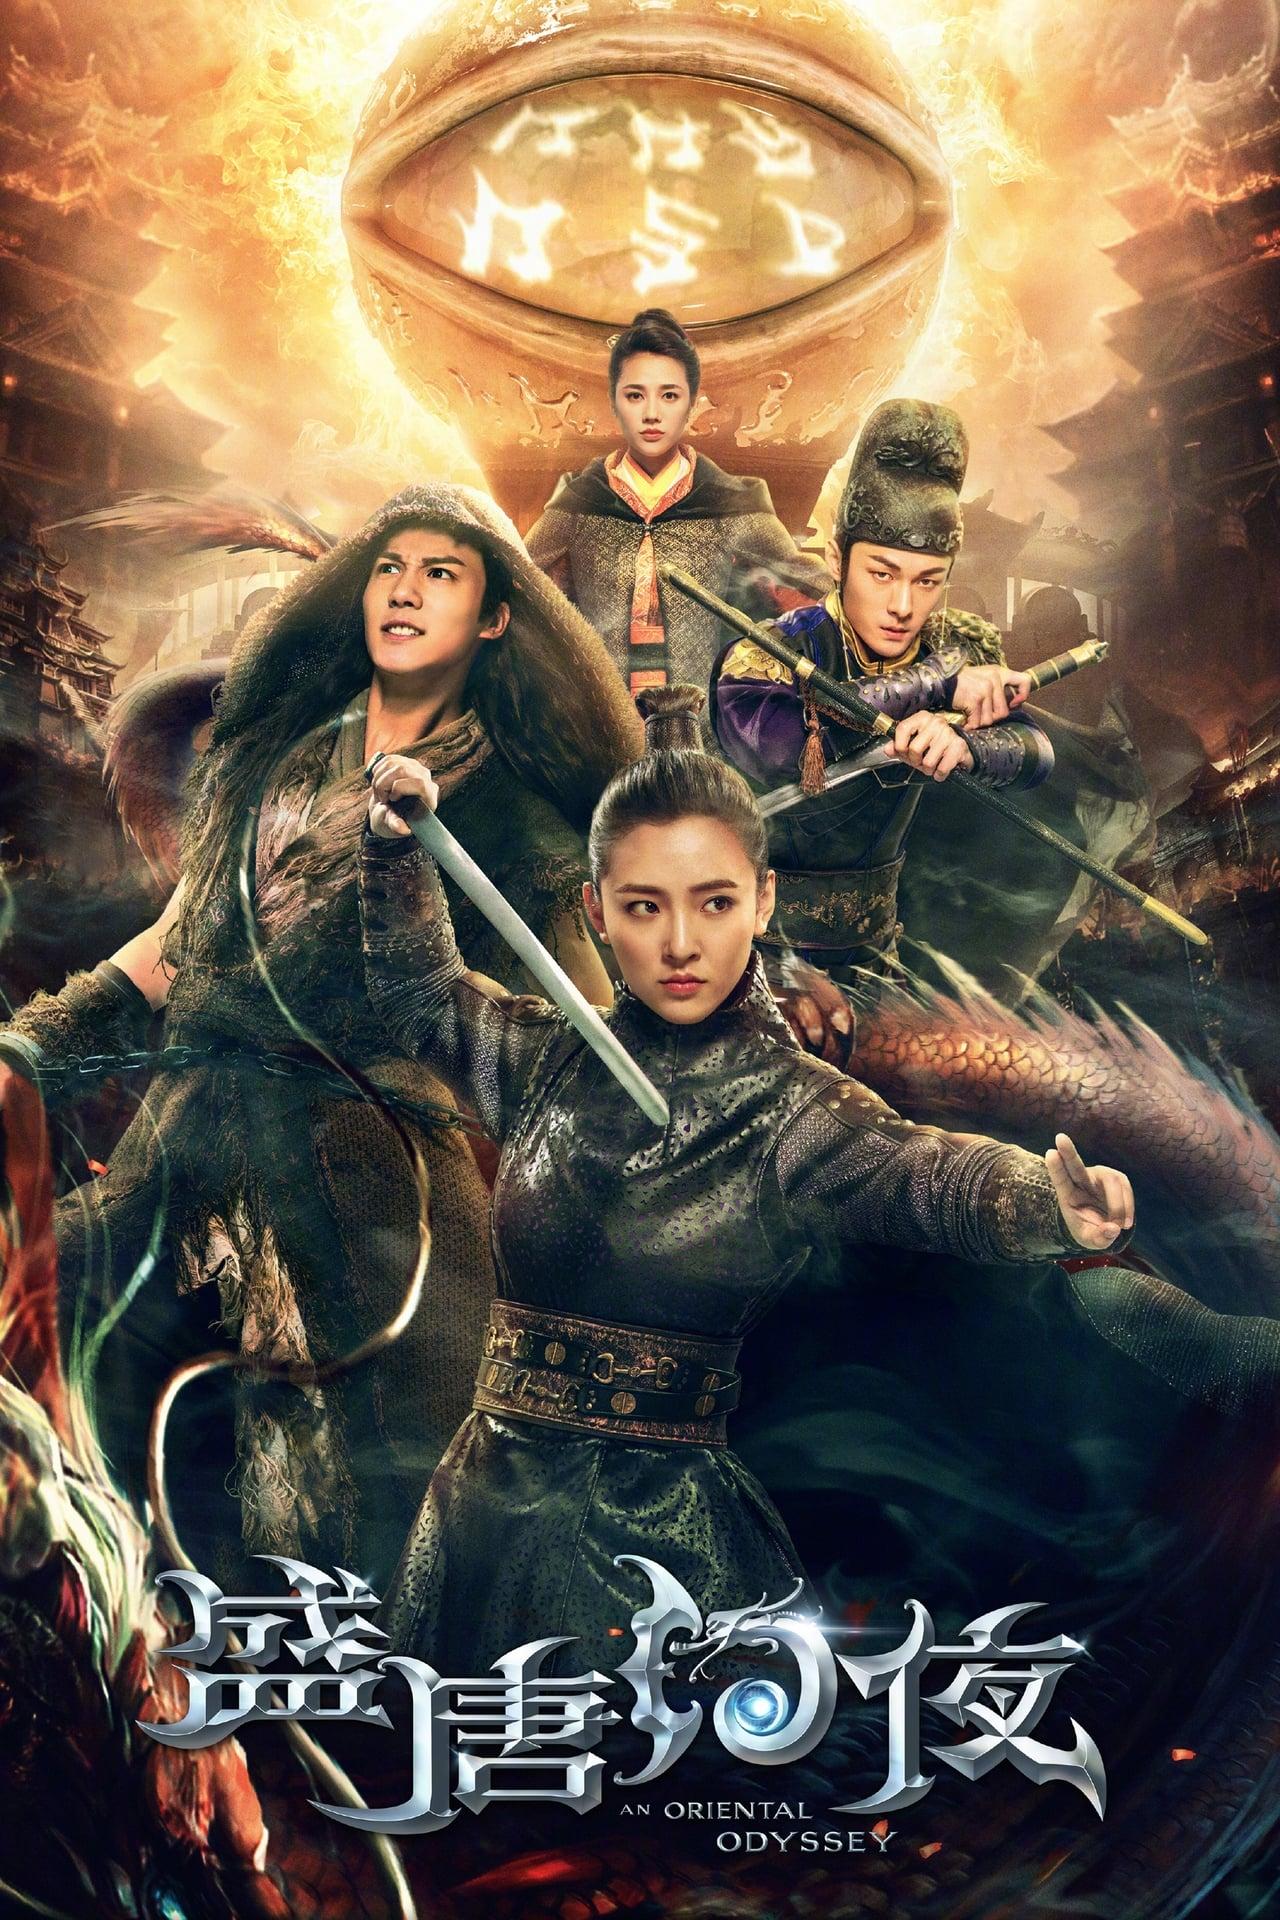 Watch An Oriental Odyssey Season 1 Online